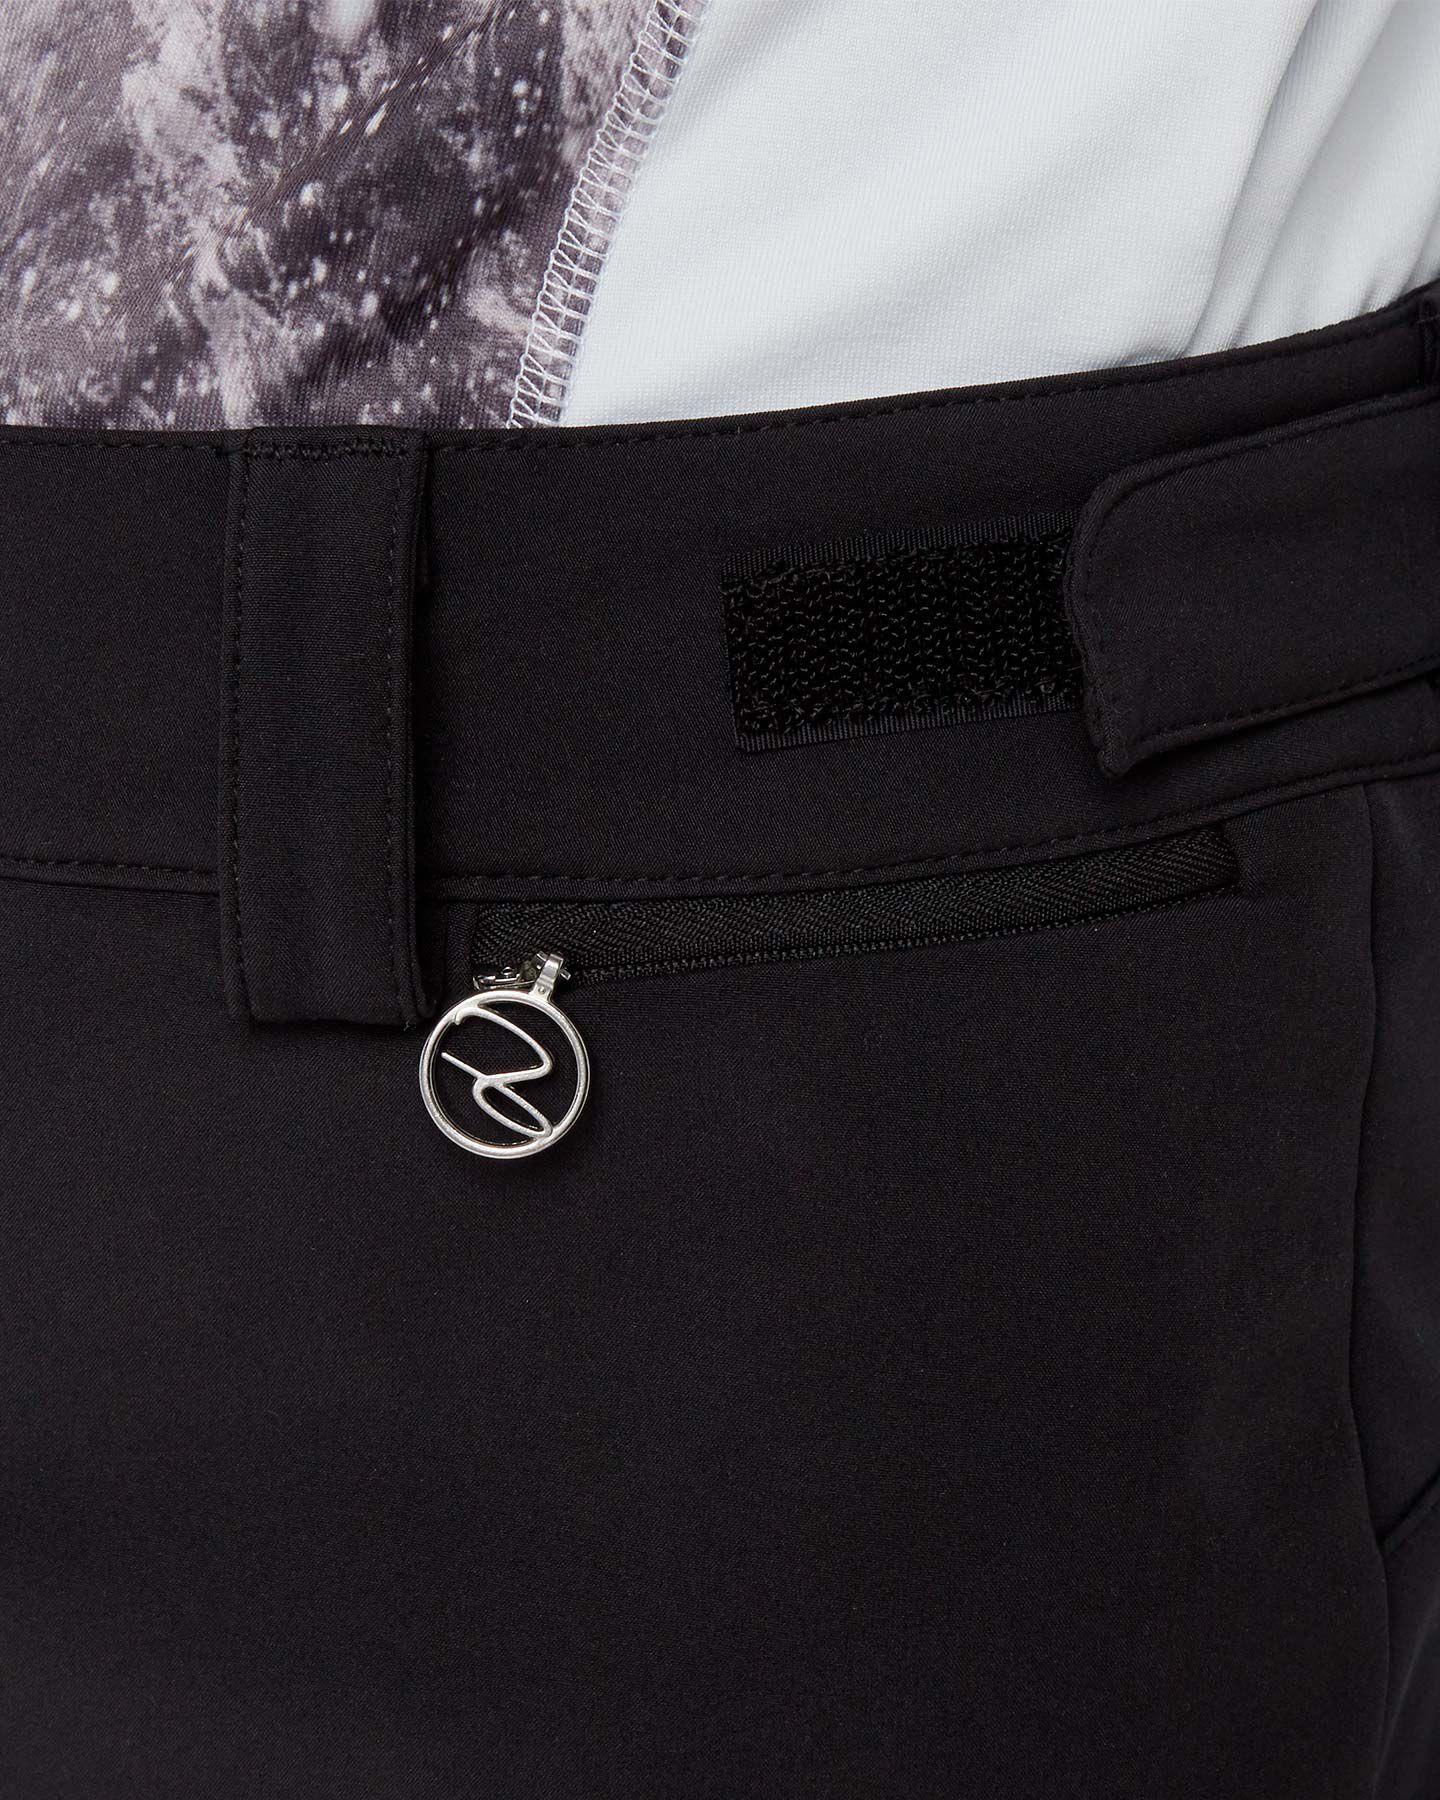 Pantalone sci MCKINLEY DALIA W S5059457 scatto 4